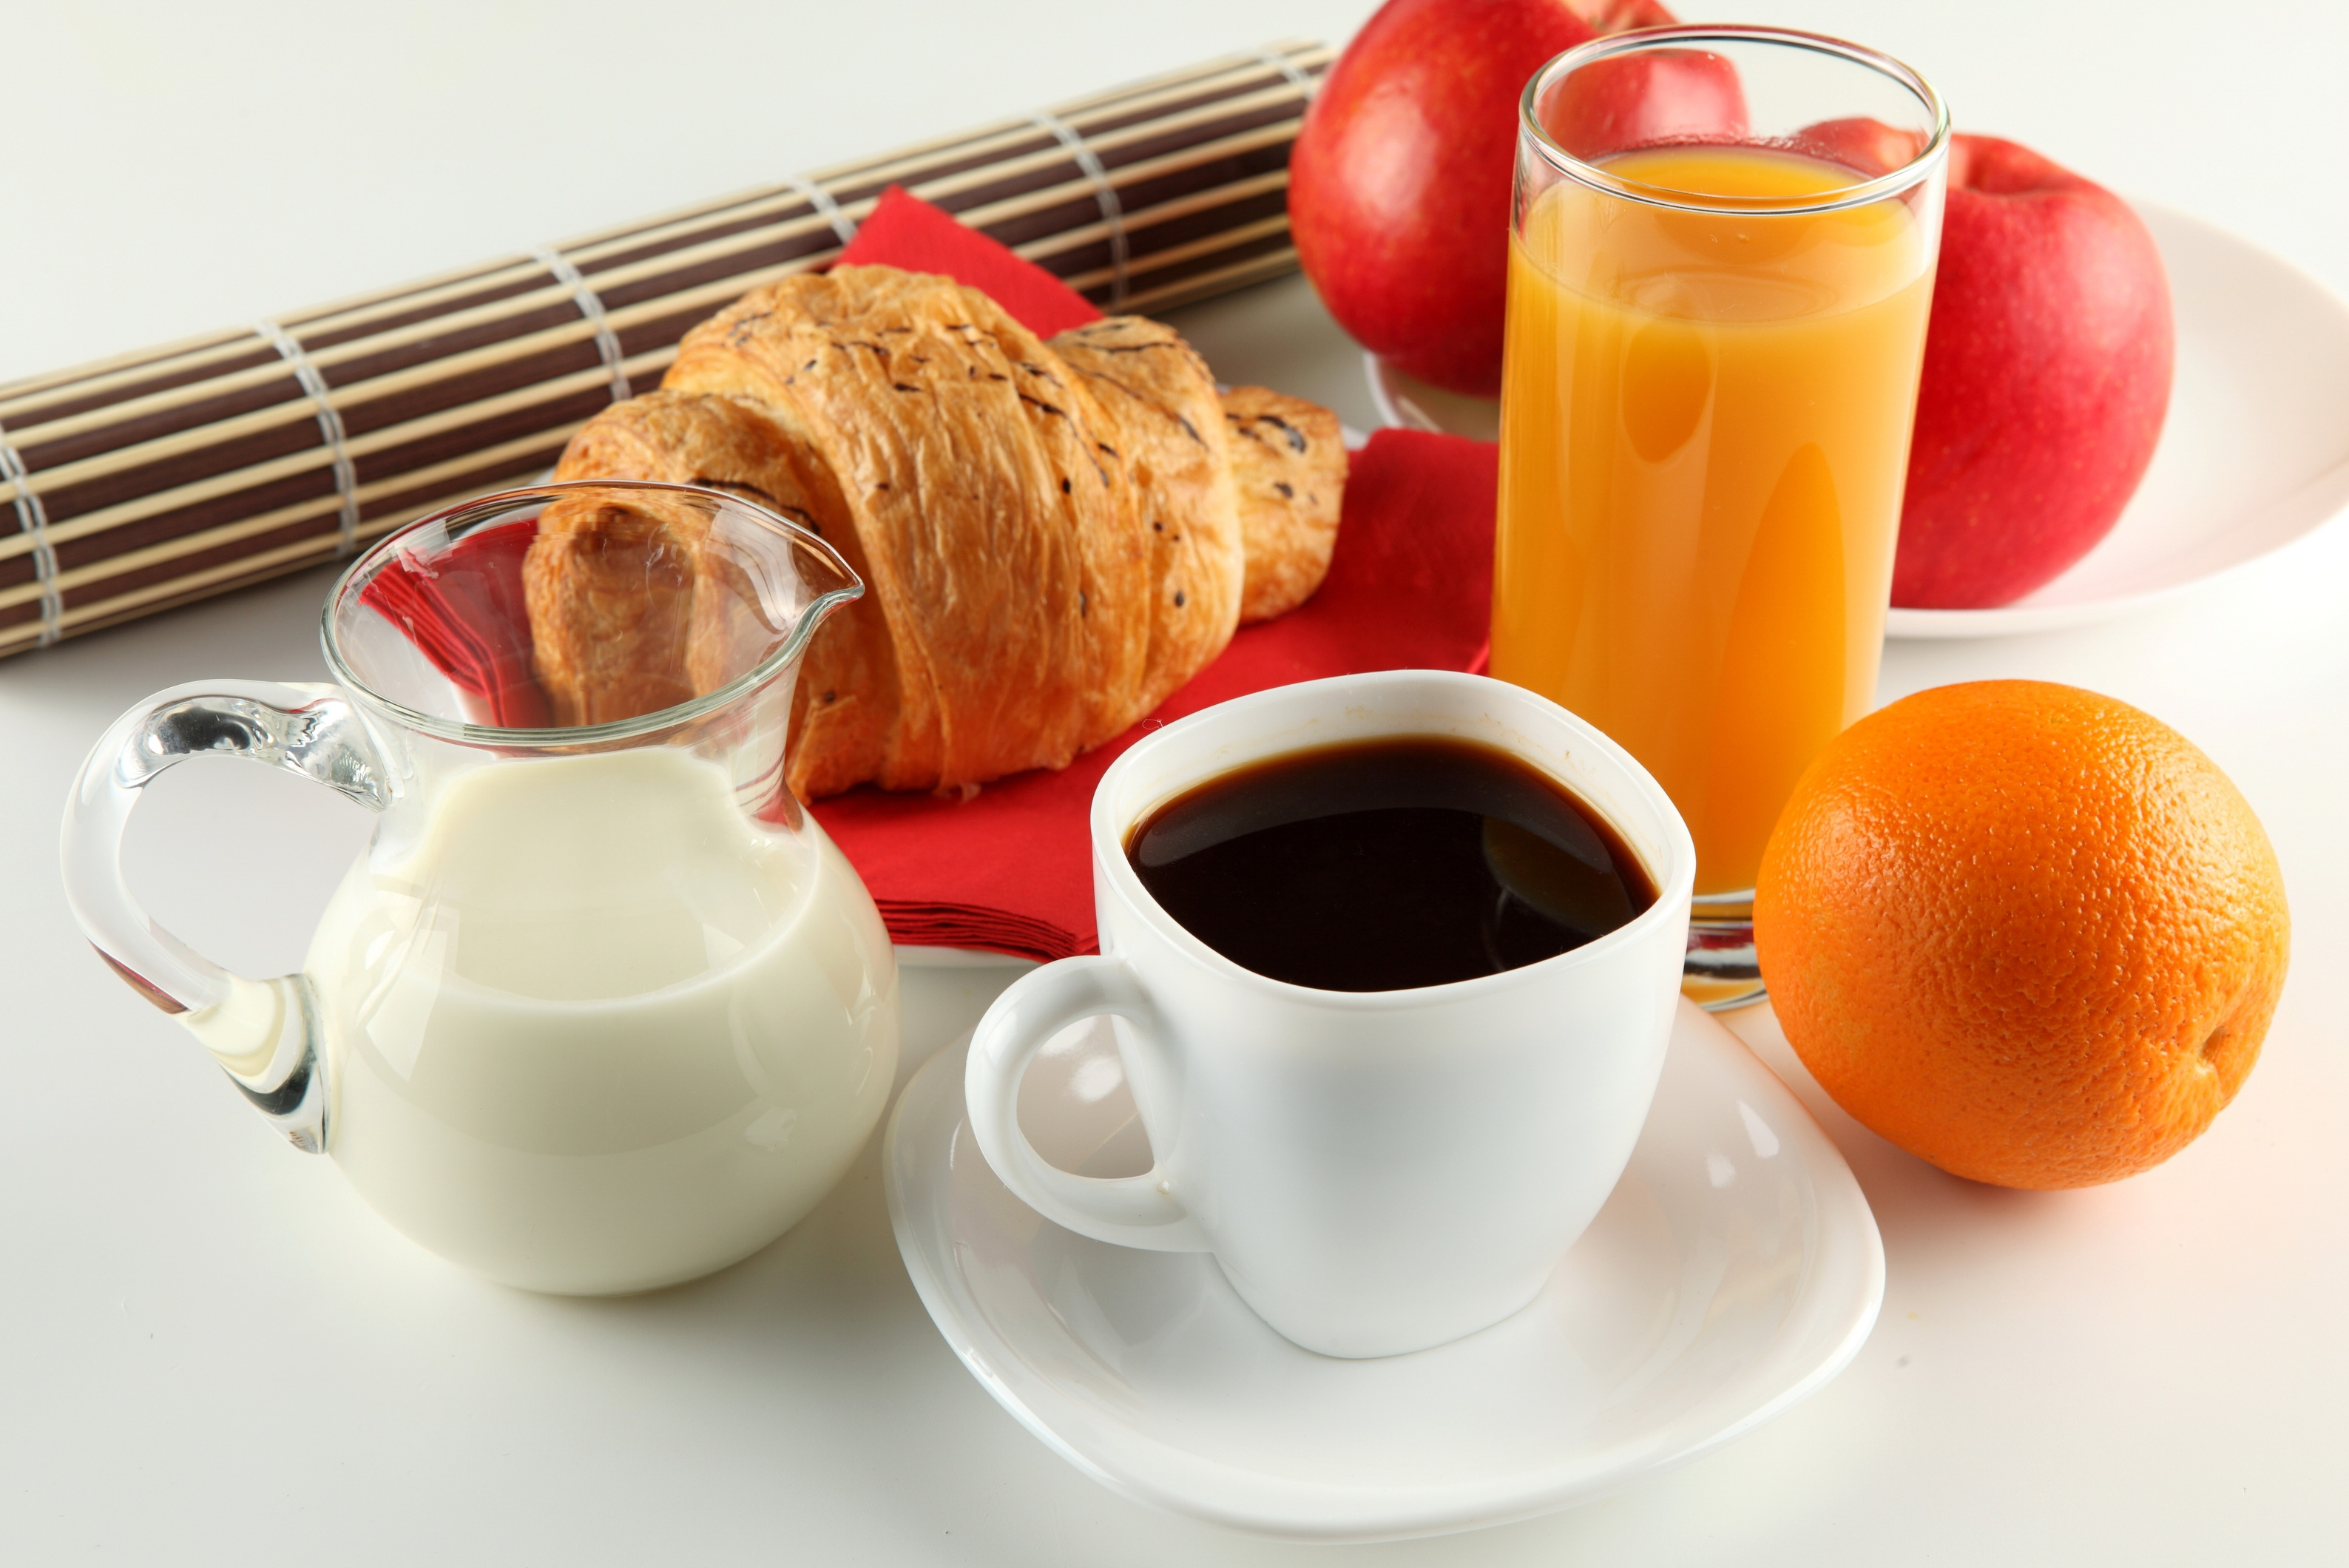 еда сок круасаны яйцо фрукты салат food juice croissants egg fruit salad загрузить